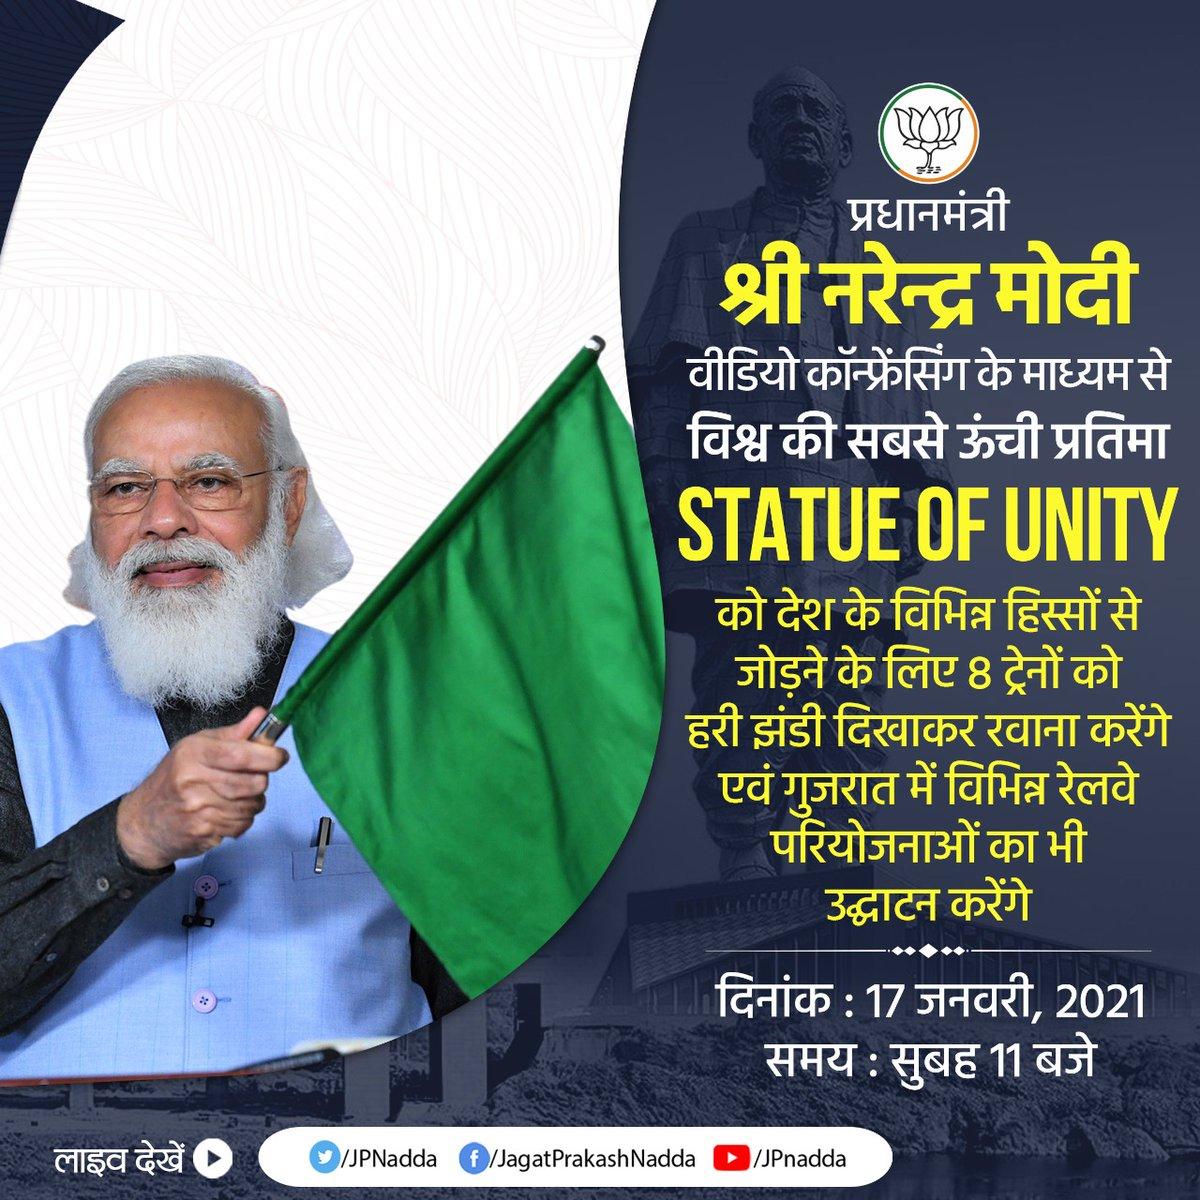 आदरणीय प्रधानमंत्री श्री @narendramodi जी कल सुबह 11 बजे वीडियो कॉन्फ्रेंसिंग के माध्यम से विश्व की सबसे ऊँची प्रतिमा Statue Of Unity को देश के विभिन्न हिस्सों से जोड़ने के लिए 8 ट्रेनों को हरी झंडी दिखाकर रवाना करेंगे एवं गुजरात में विभिन्न रेलवे परियोजनाओं का भी उद्घाटन करेंगे।